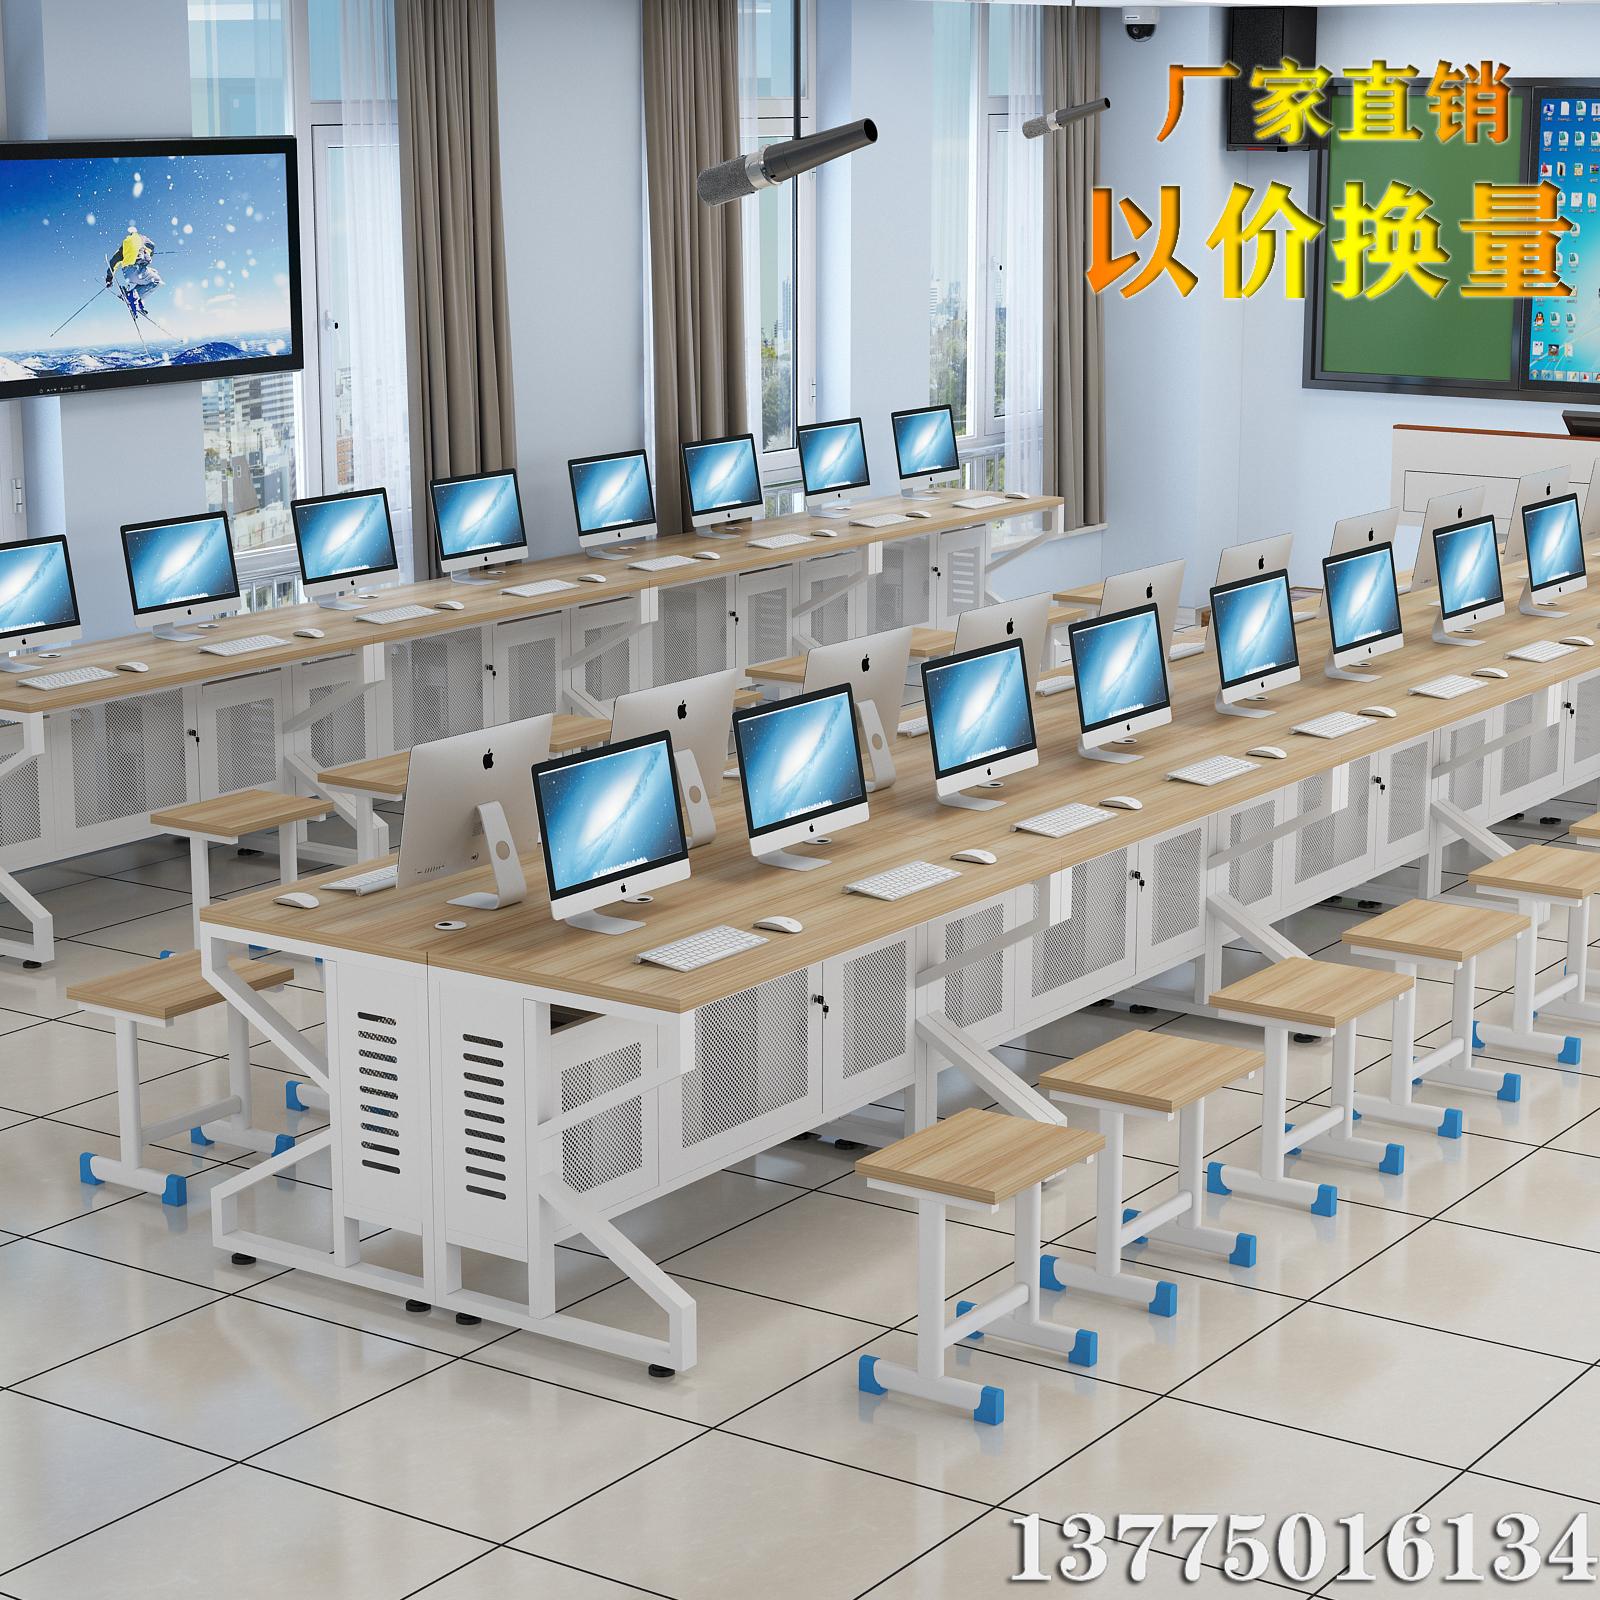 学校电脑机房桌计算机微机室中小学生椅培训桌课桌单双人教师讲台